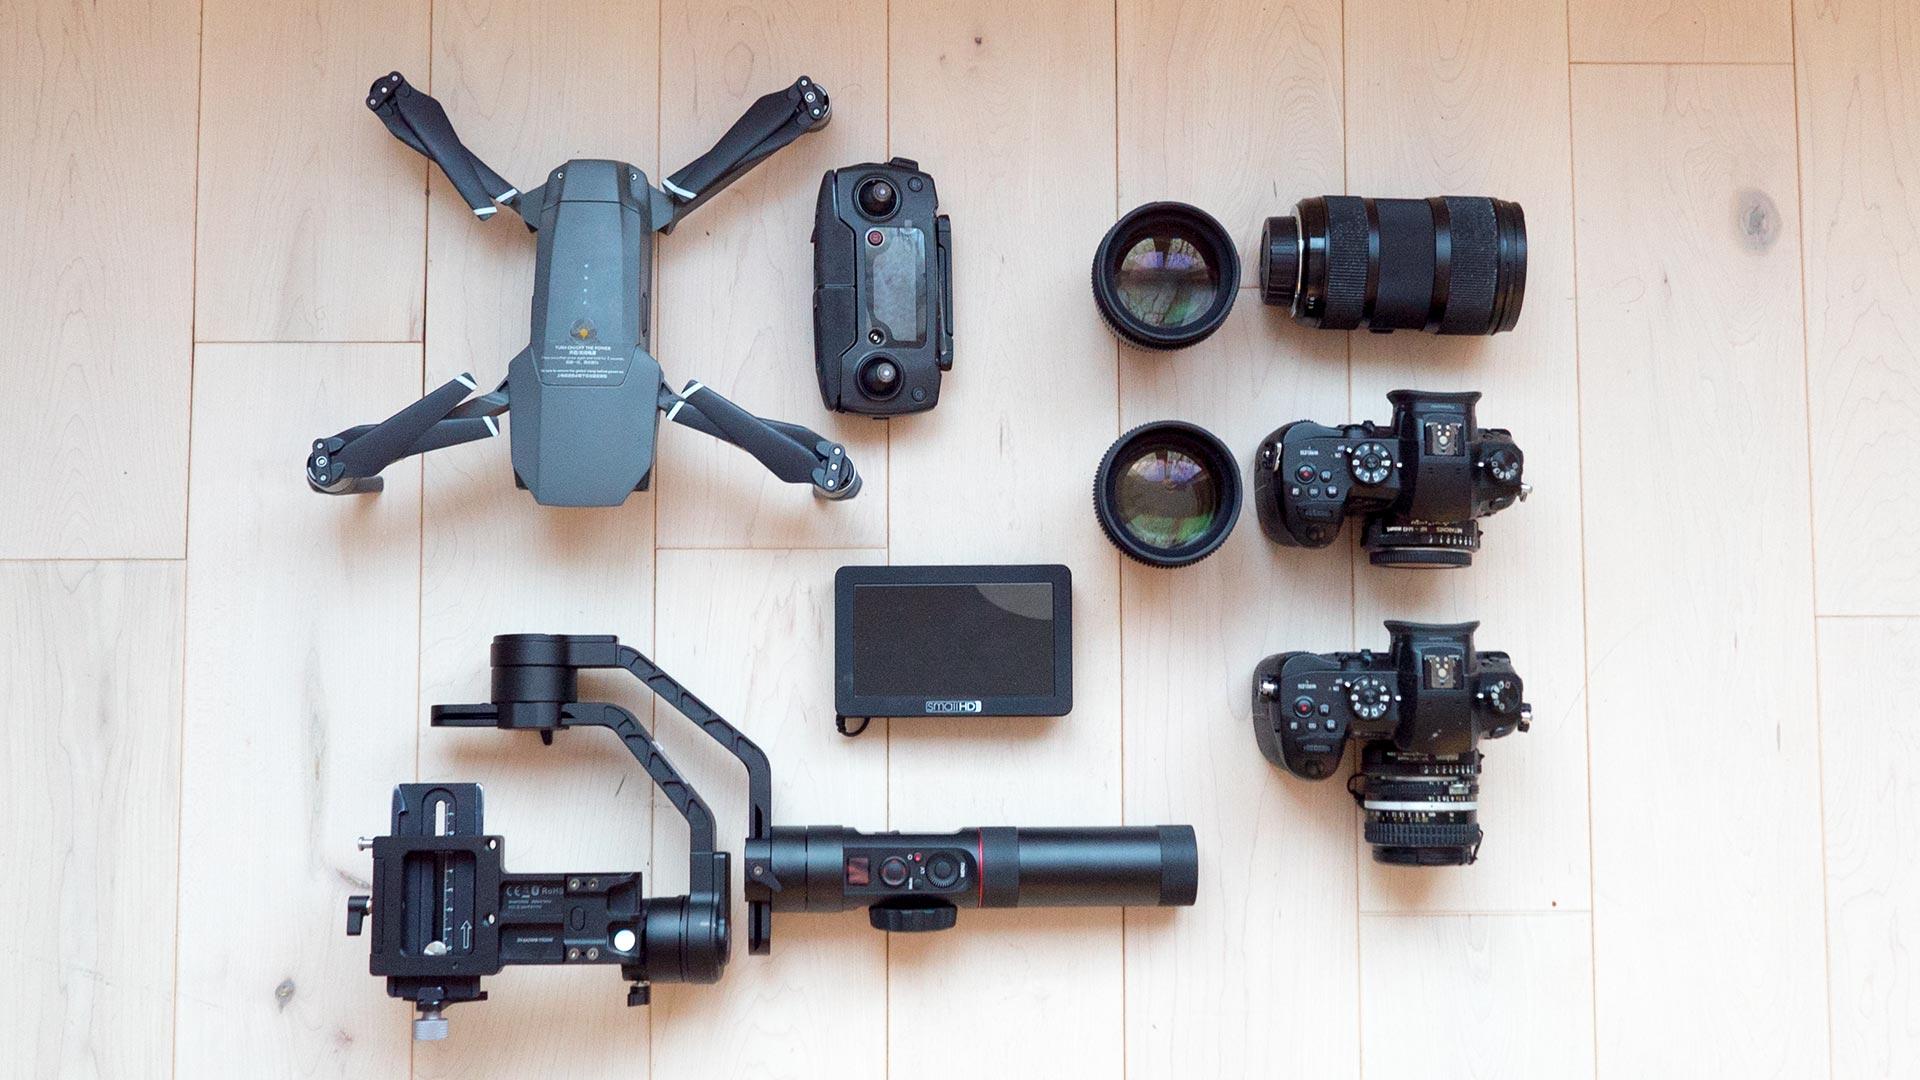 wedding-filmmakers-tools-Panasonic-gh5-dji-mavic-pro-zhiyun-crane-2